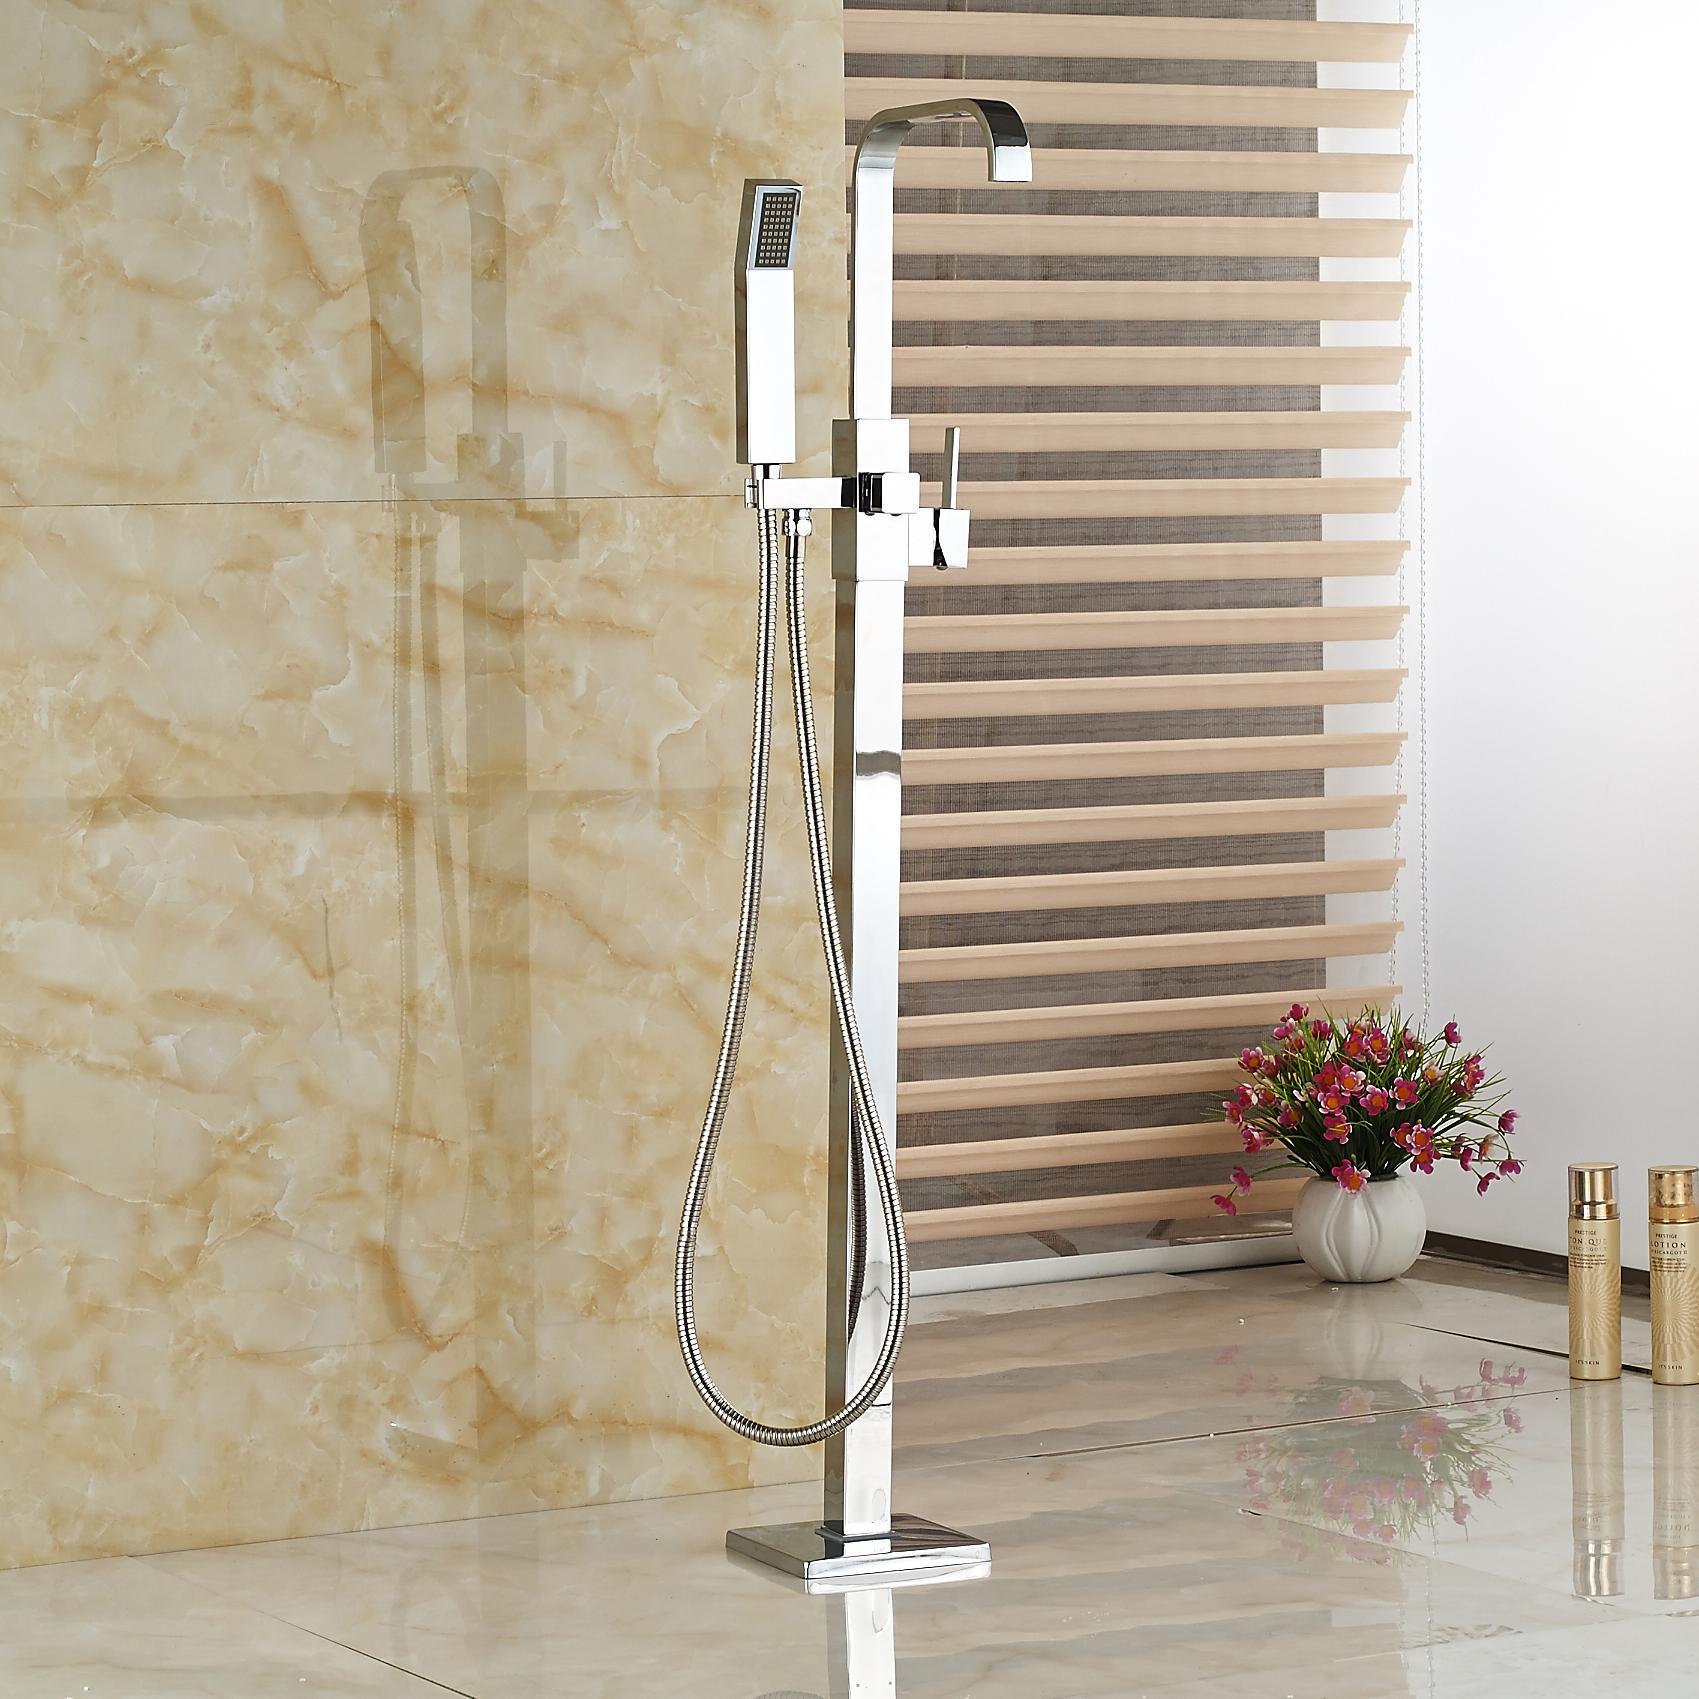 Großhandel Großhandel Und Einzelhandel Badezimmer Badewanne Wasserhahn  Freistehende Bodenmontierte Quadratische Dusche Mischbatterie Badewanne